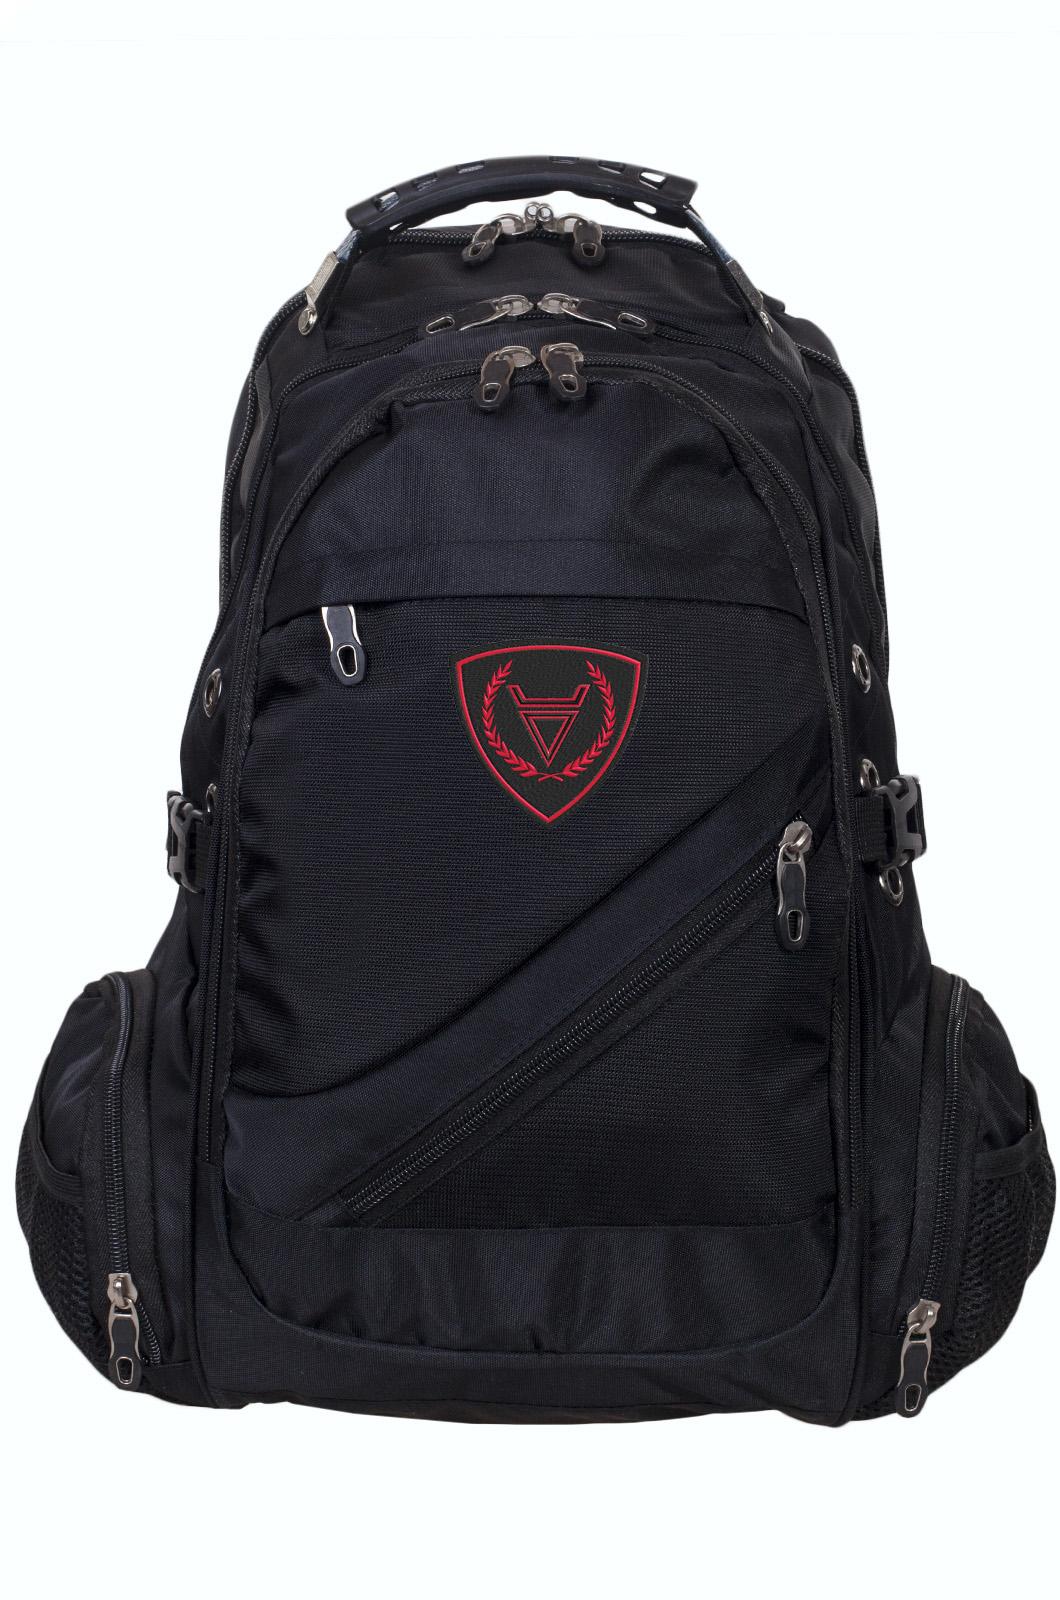 Удобный черный рюкзак с нашивкой Бога Велеса